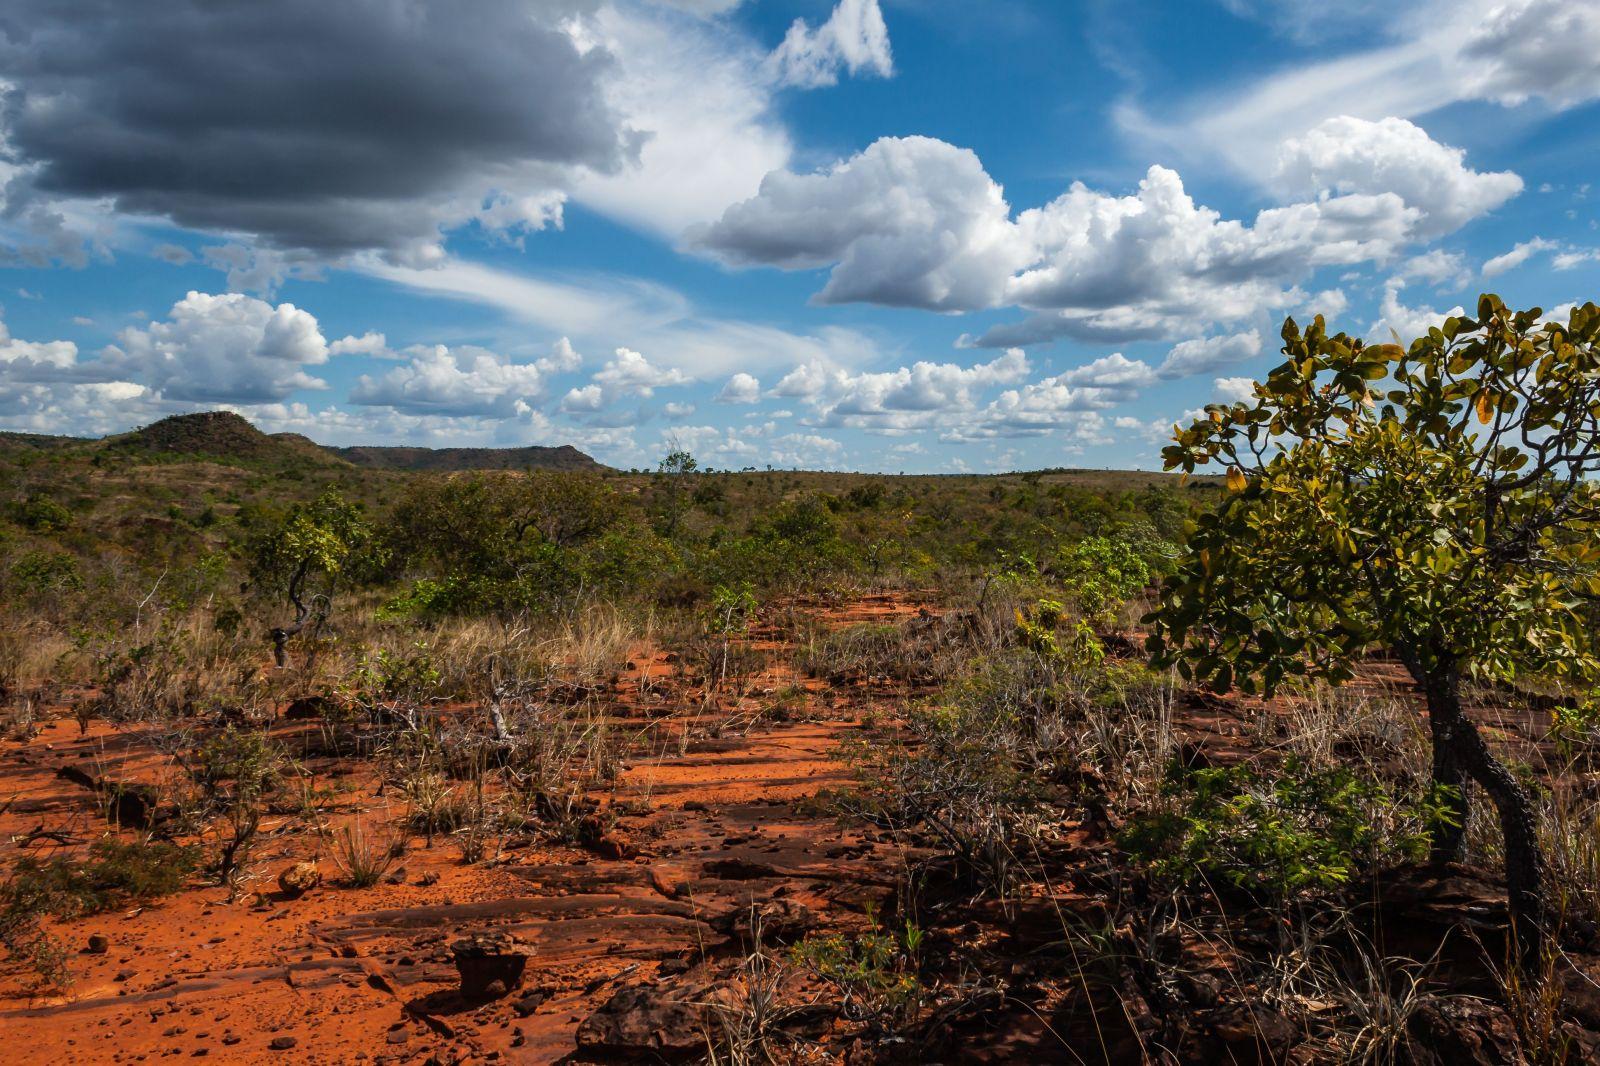 Pár kilometrov od Amazonu sa nachádza územie, ktoré má ešte väčšie straty, pritom je domovom až 5 % živočíchov celej planéty